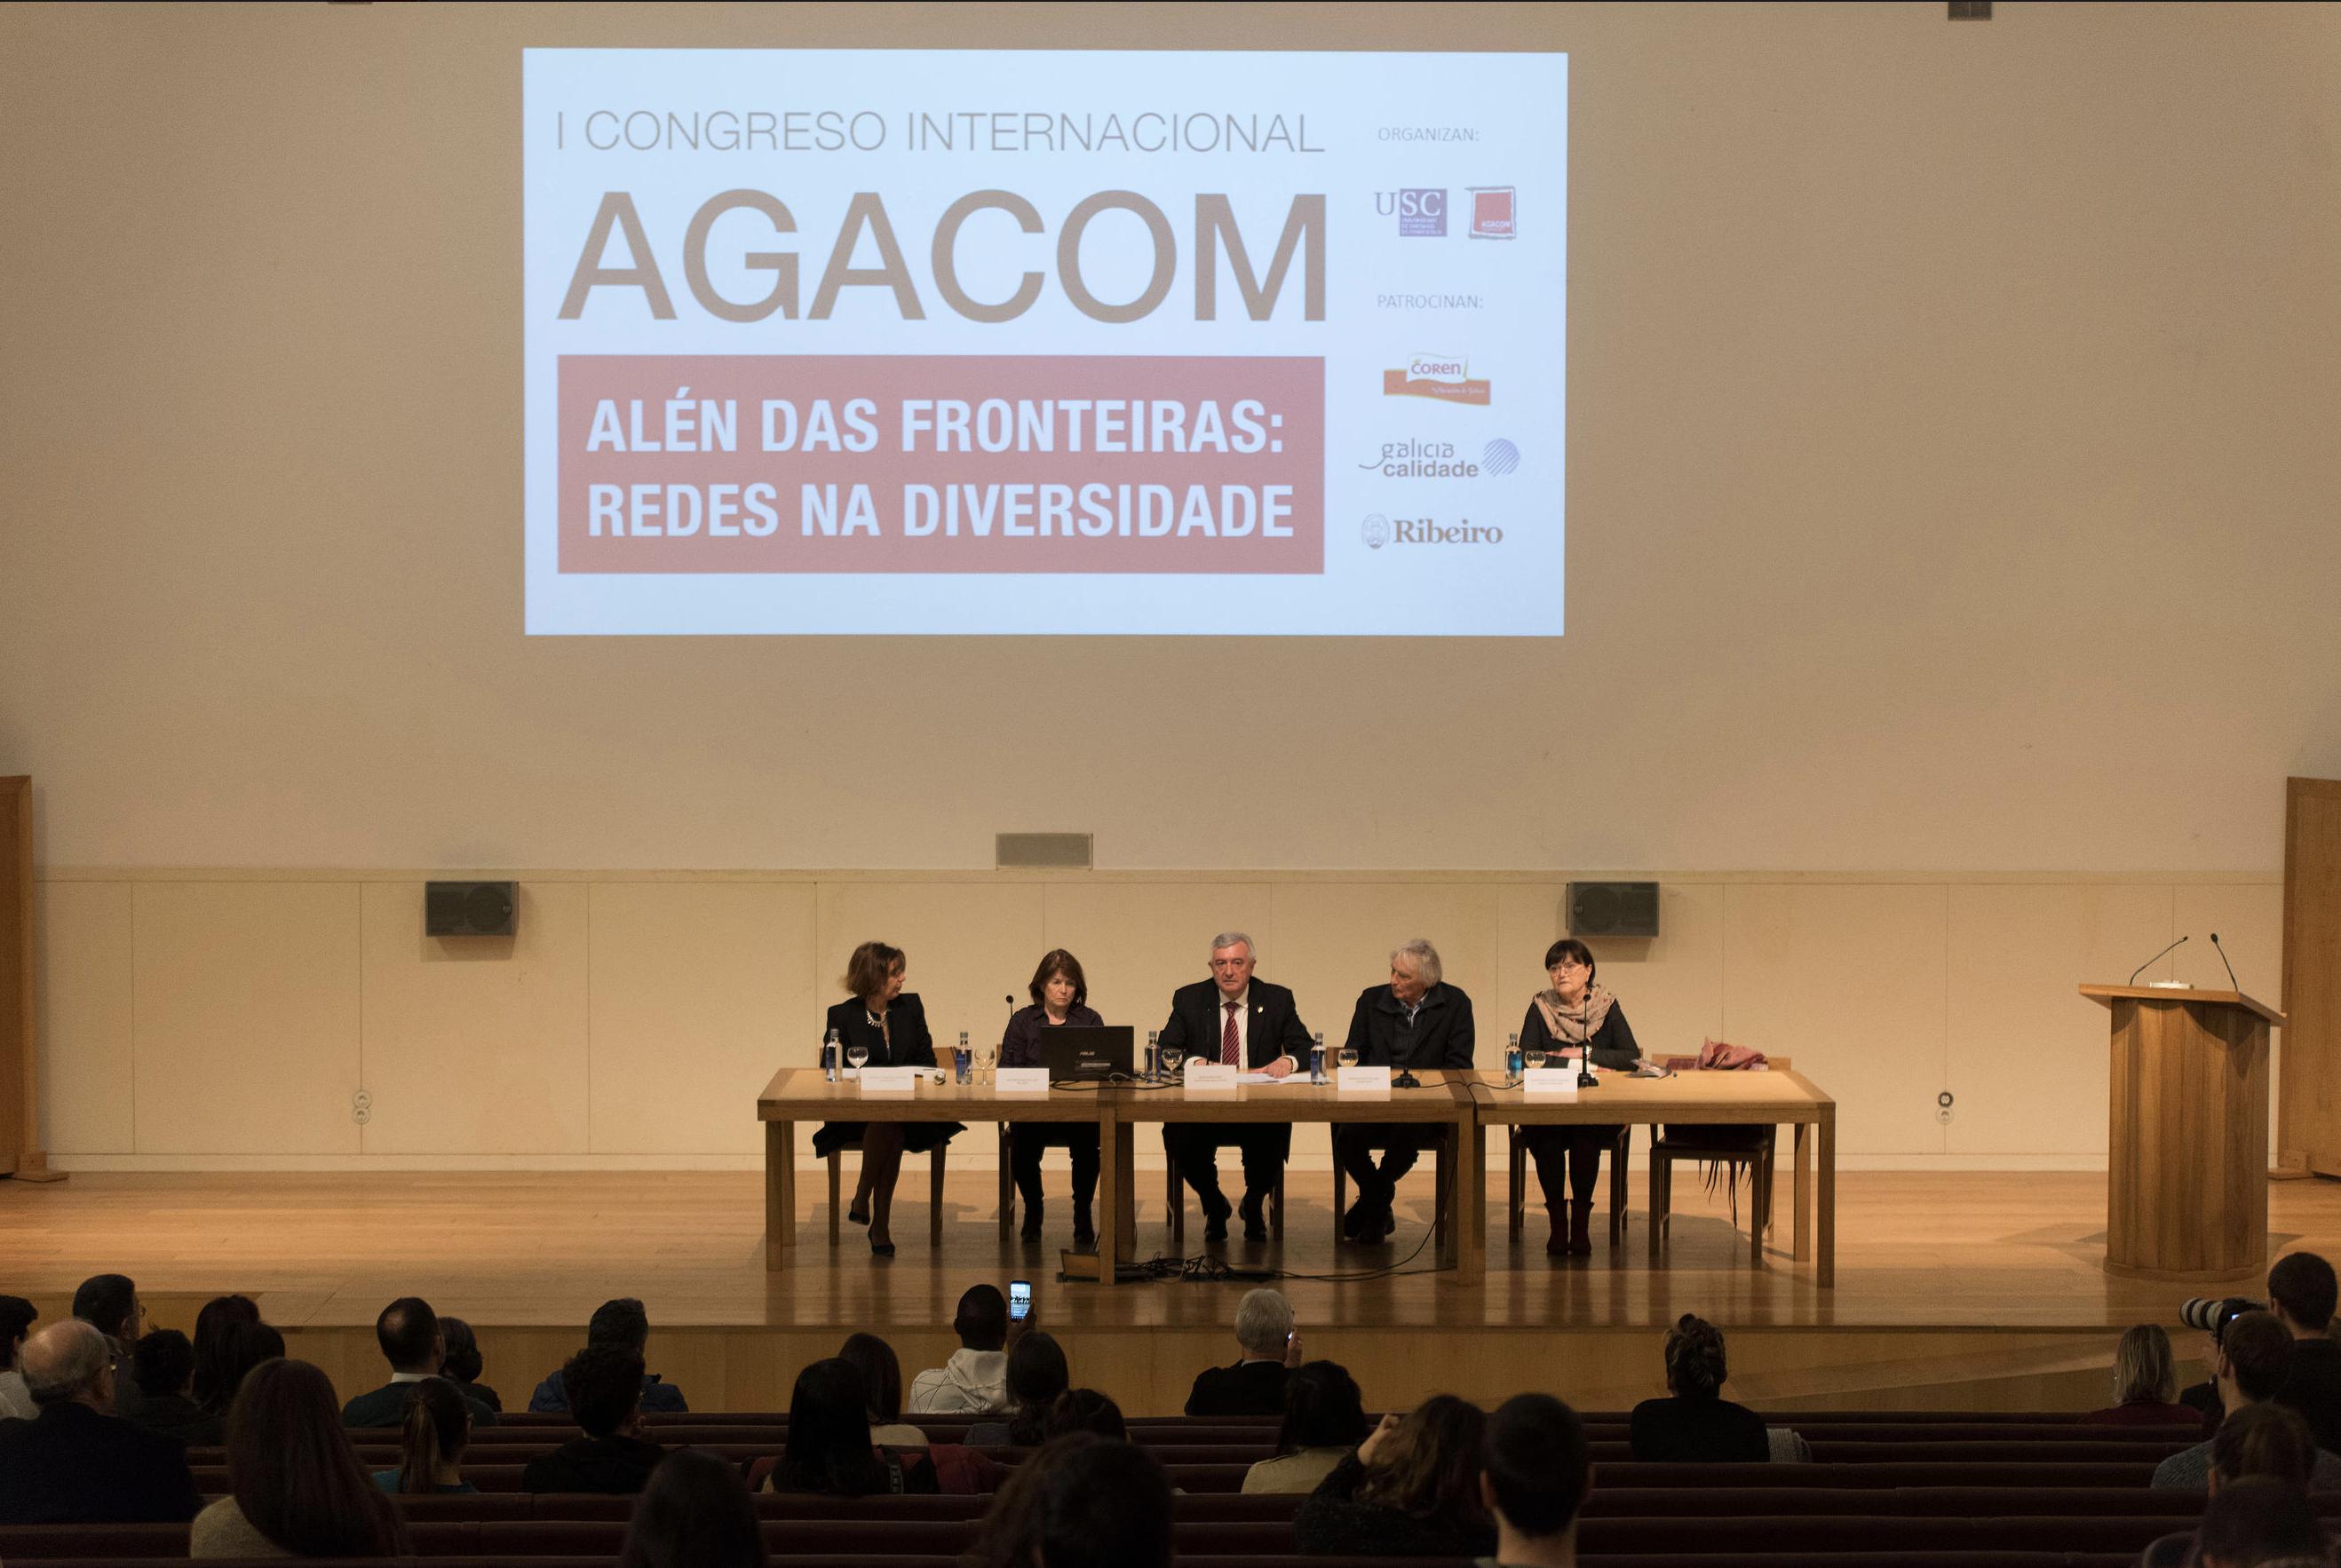 Celébrase o I Congreso Internacional AGACOM